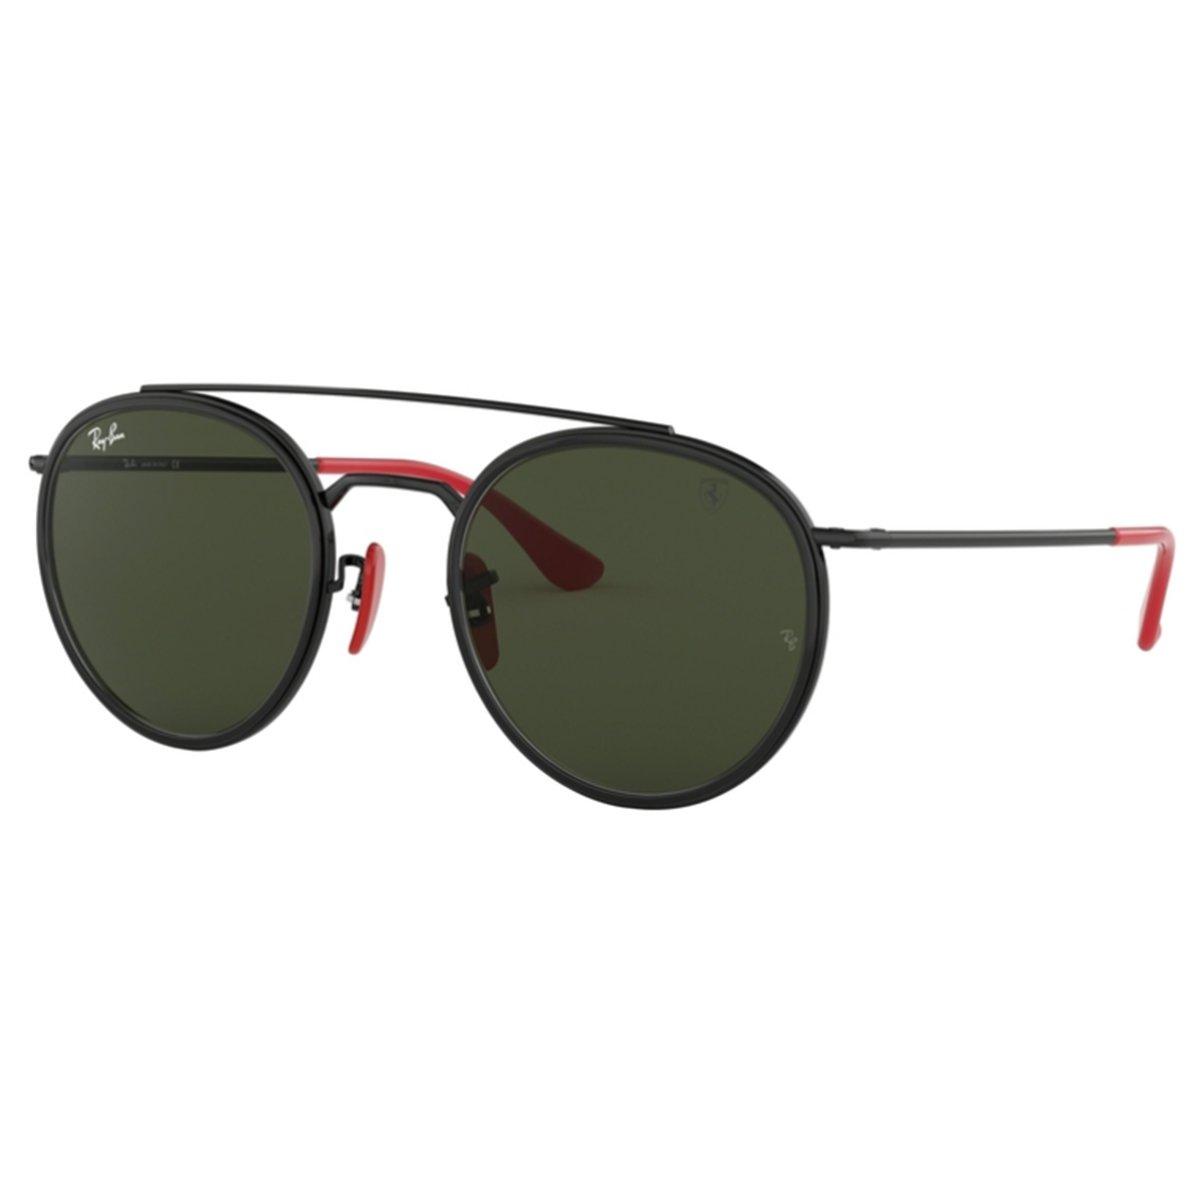 0a4034f20 Compre Óculos de Sol Ray Ban Ferrari em 10X | Tri-Jóia Shop